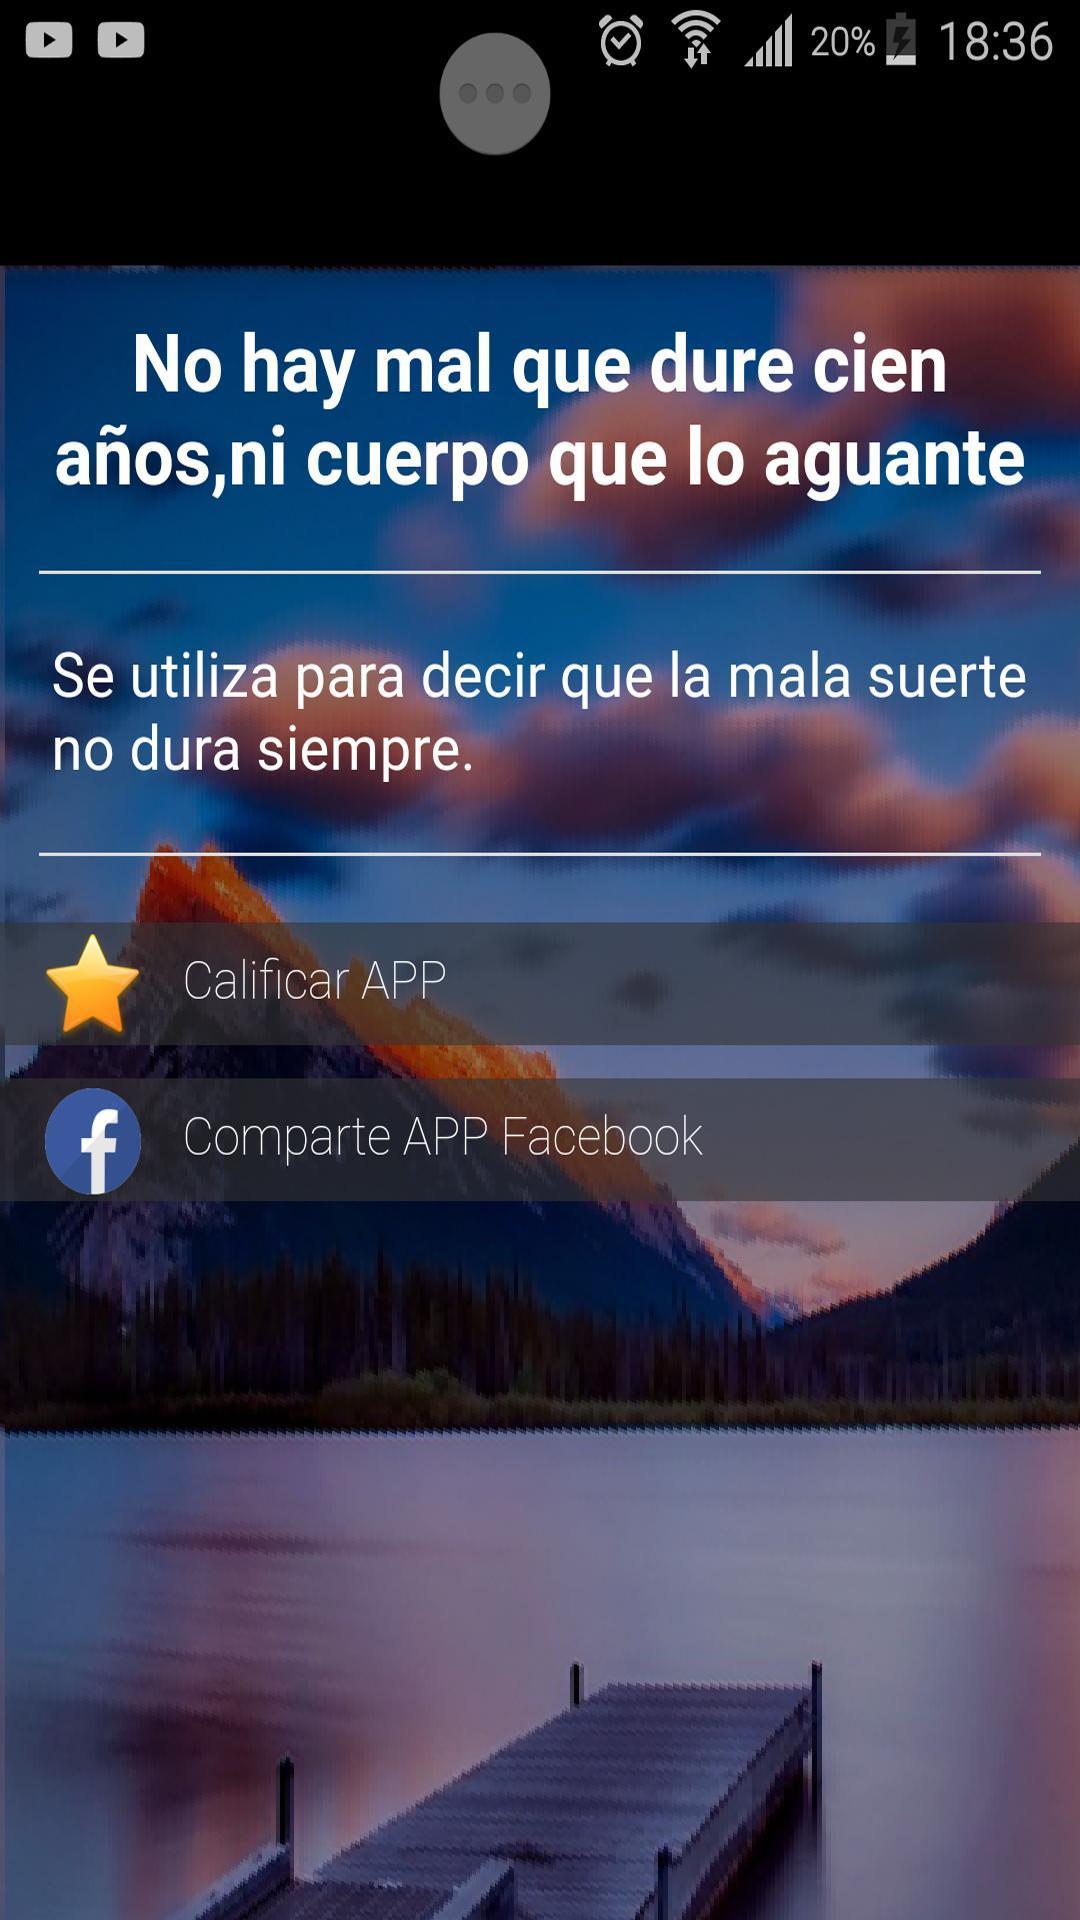 Refranes Populares Y Dichos Cortos Con Significado For Android Apk Download